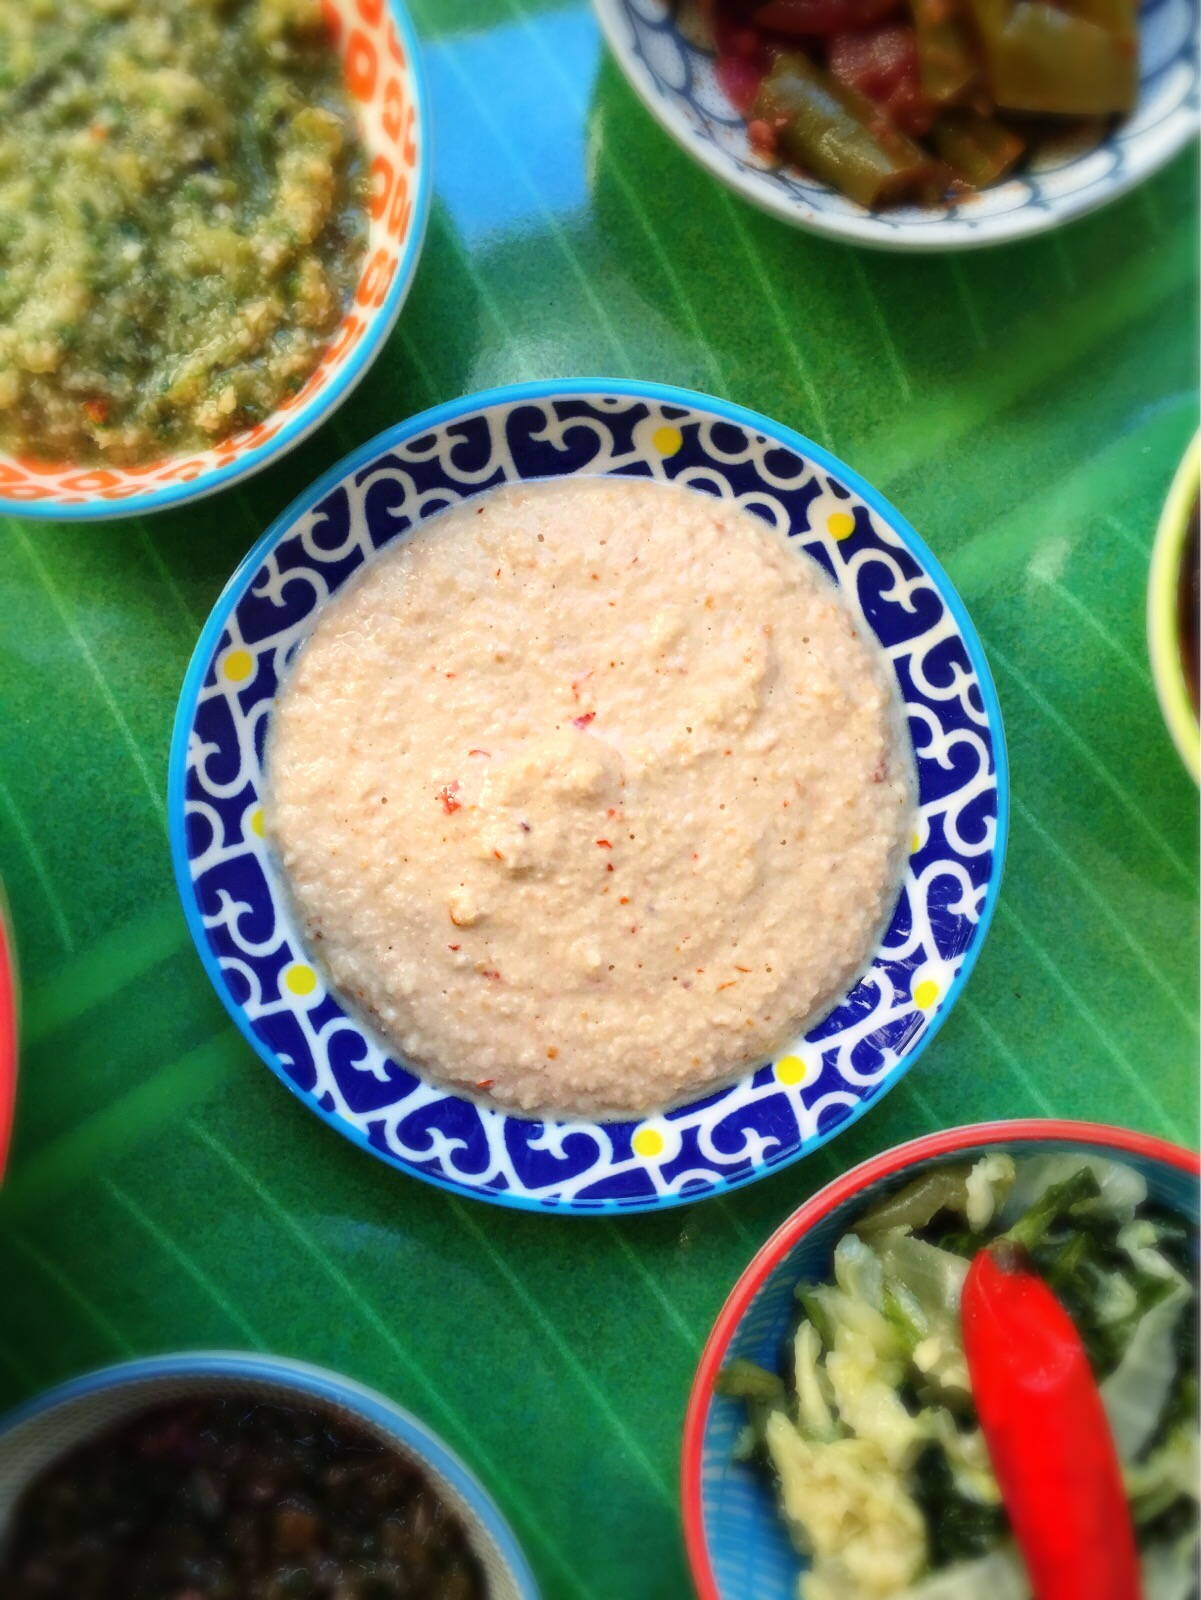 Satini pistache